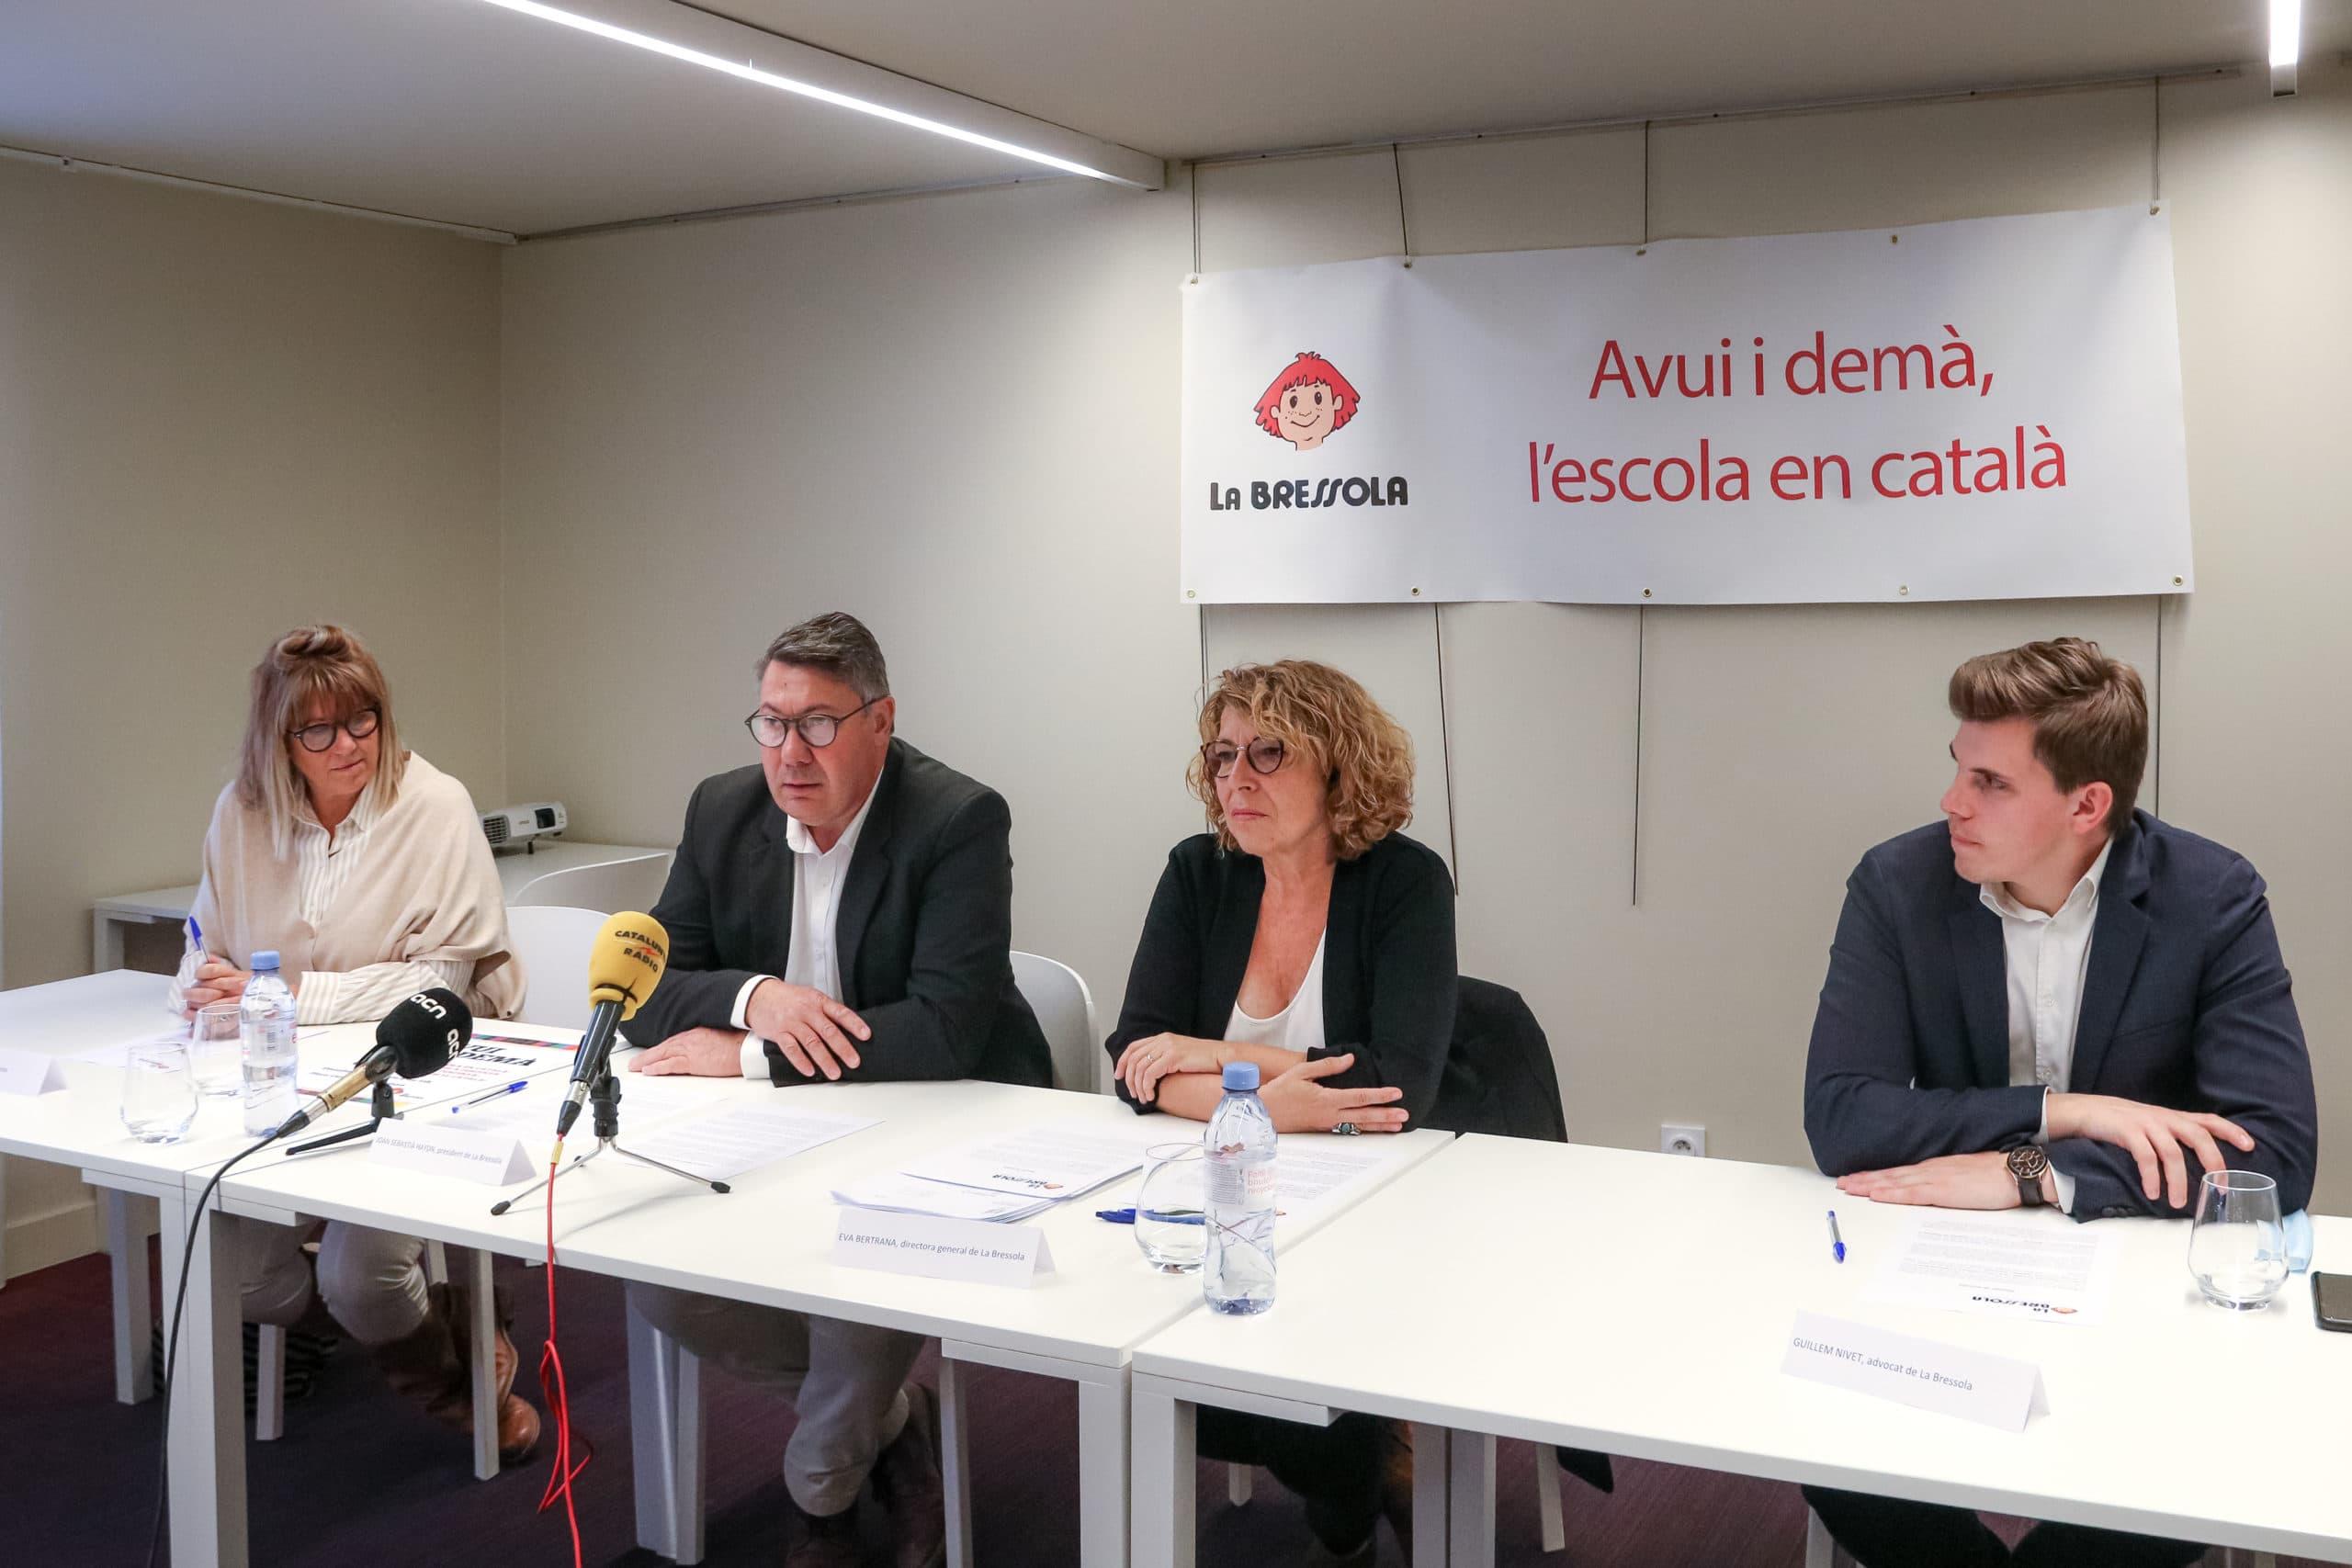 La roda de premsa per denunciar la situació amb el president de la Bressola, Joan-Sebastià Haydn, la directora Eva Bertrana i l'advocat Guillem Nivet. Imatge publicada el 14 d'octubre del 2021. (Horitzontal)